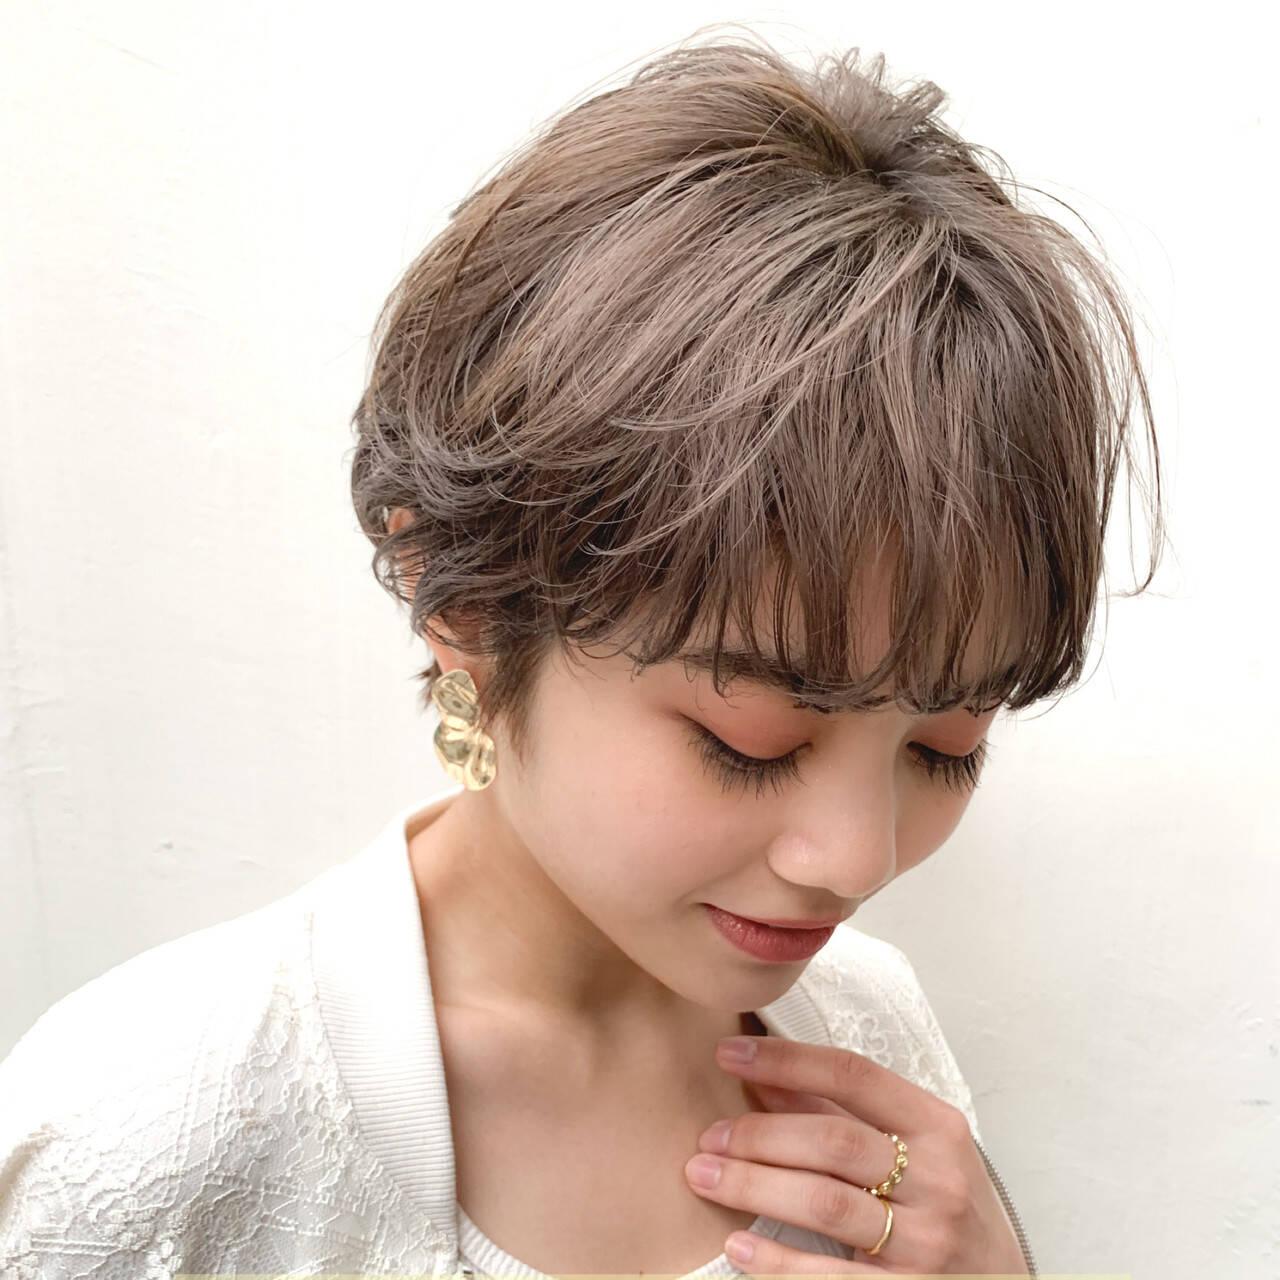 オーガニックカラー マッシュショート ショート ナチュラルヘアスタイルや髪型の写真・画像